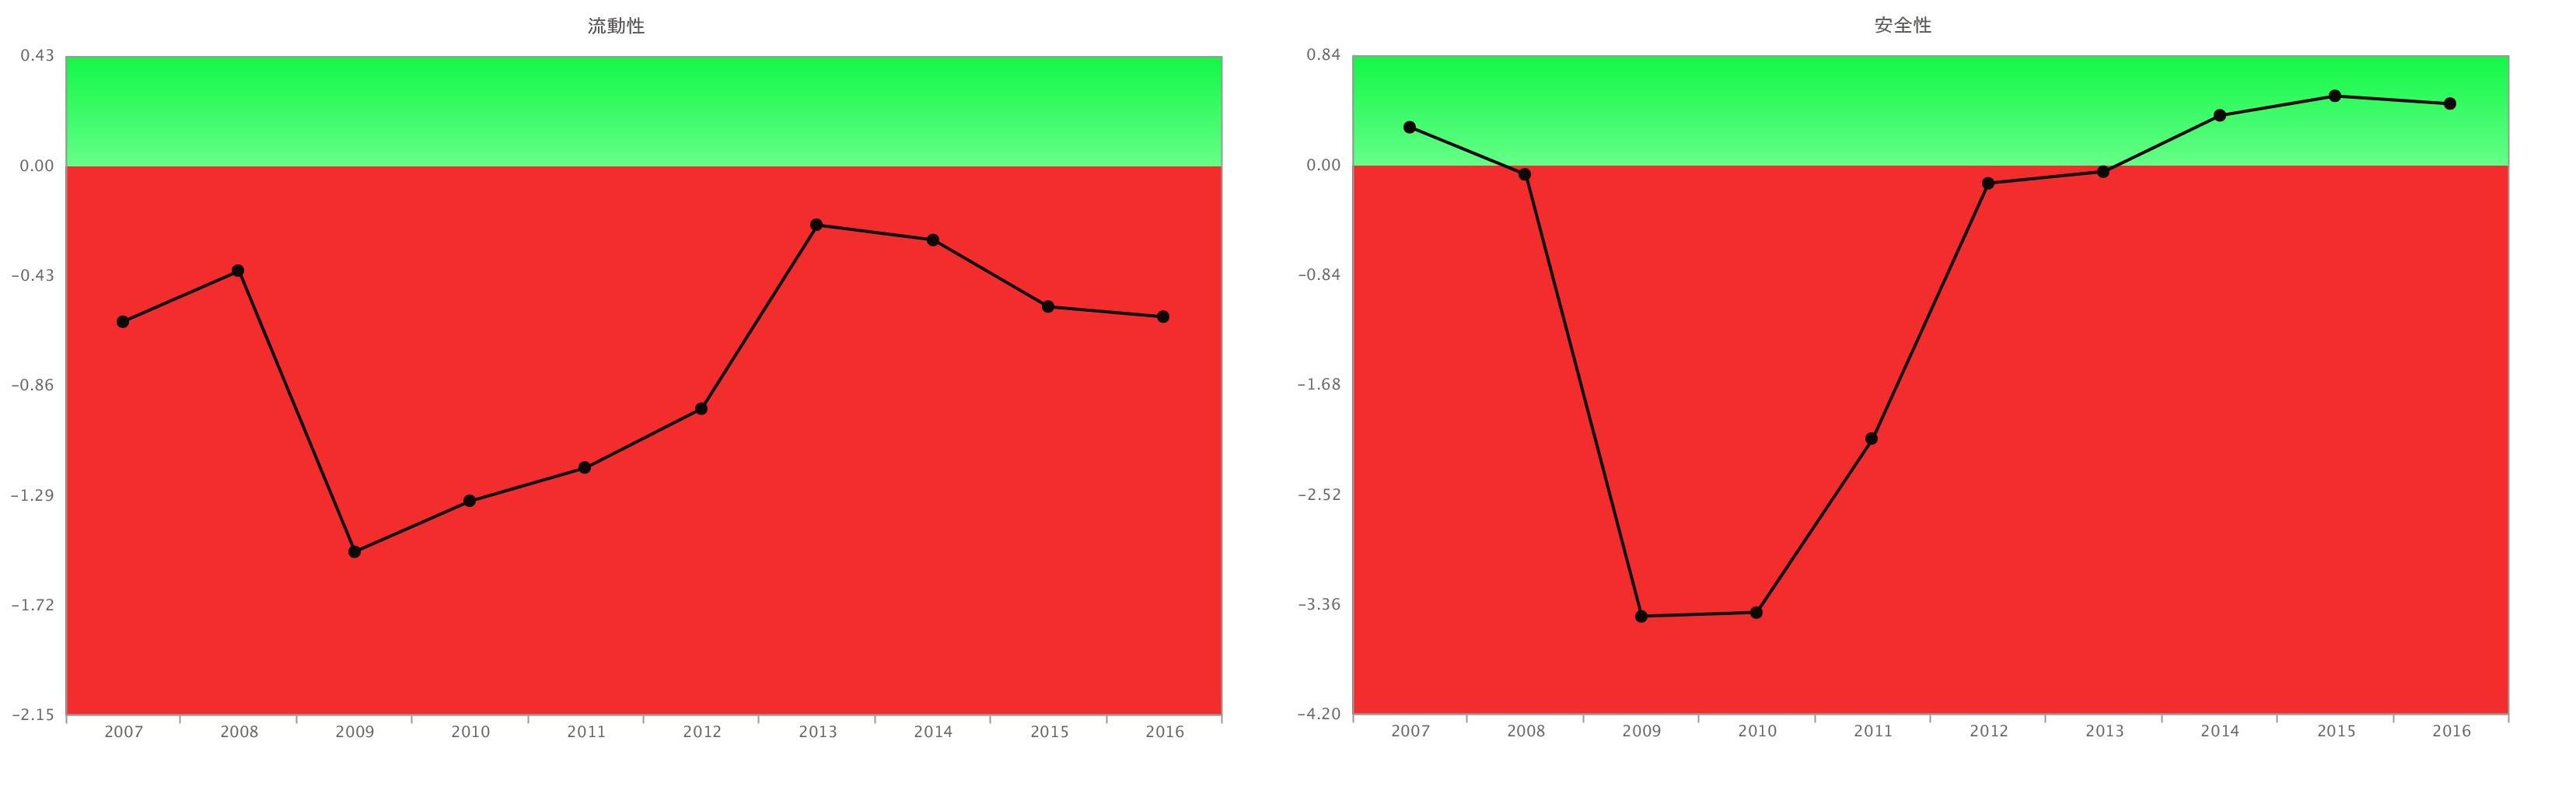 ペッパーフードサービス流動比率。自己資本比率グラフ